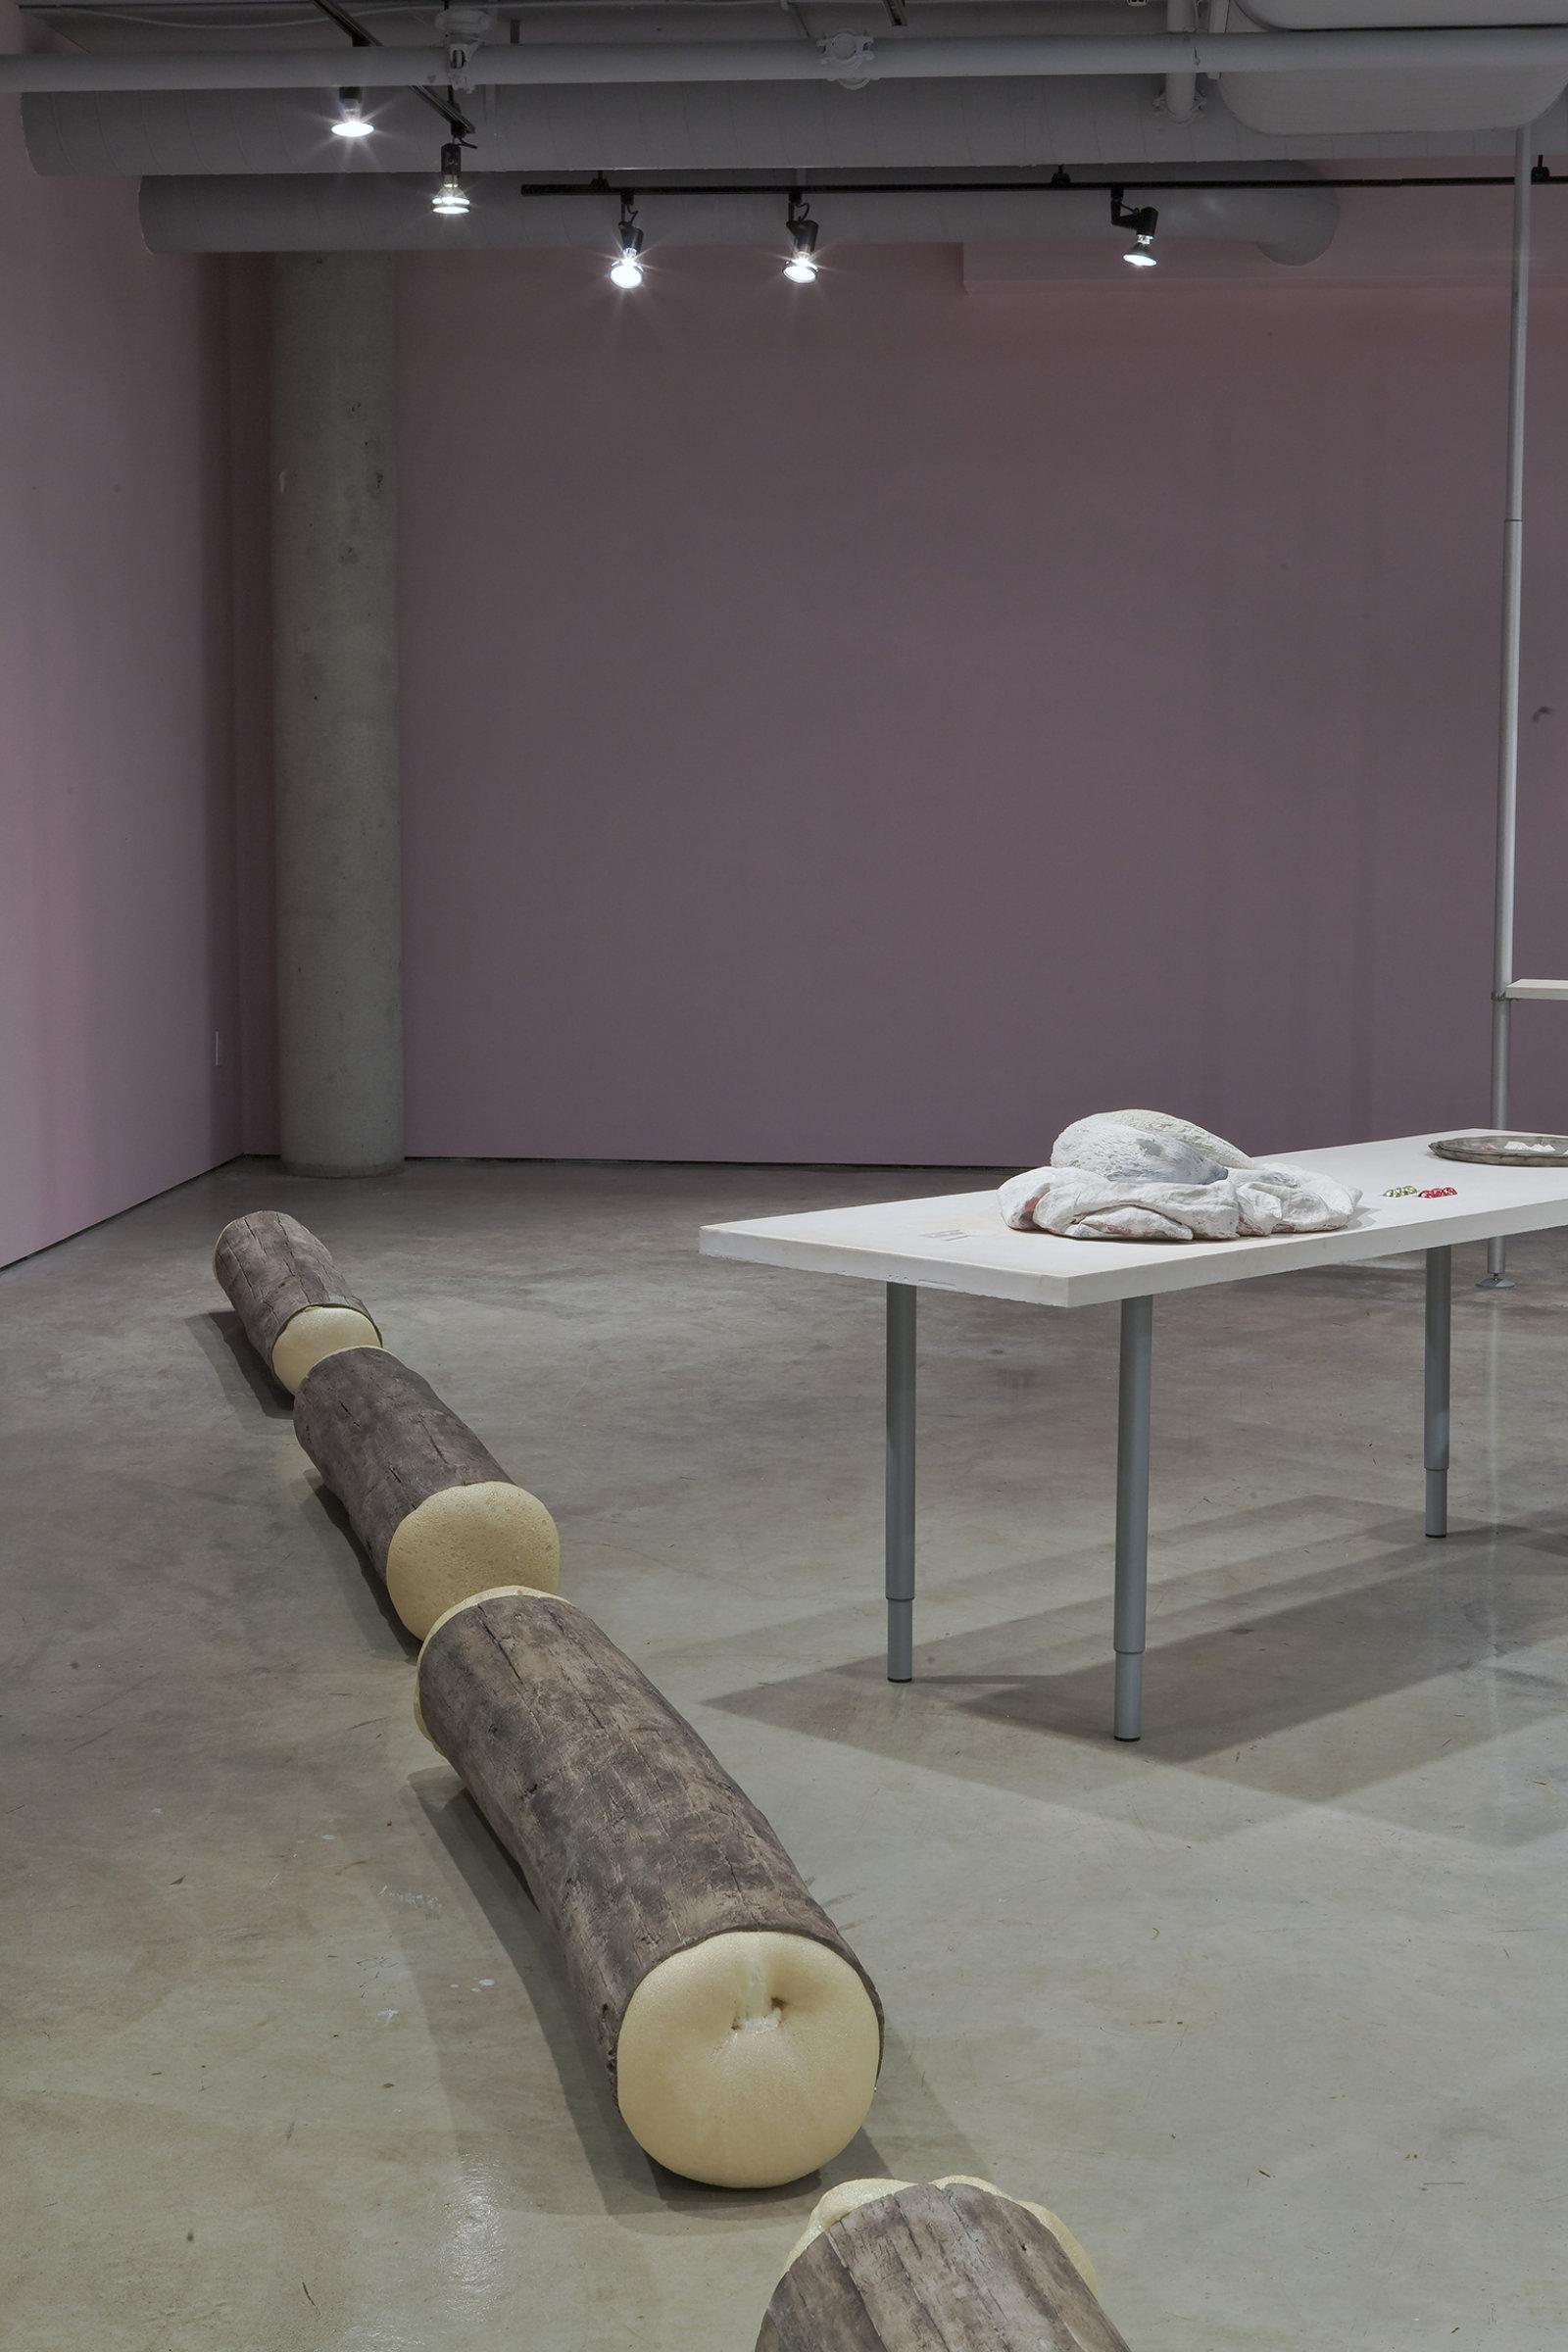 Liz Magor, Molly's Reach, 2008, polymerized gypsum and polyurethane foam, 17 x 14 x 360 in. (43 x 36 x 914 cm) by Liz Magor